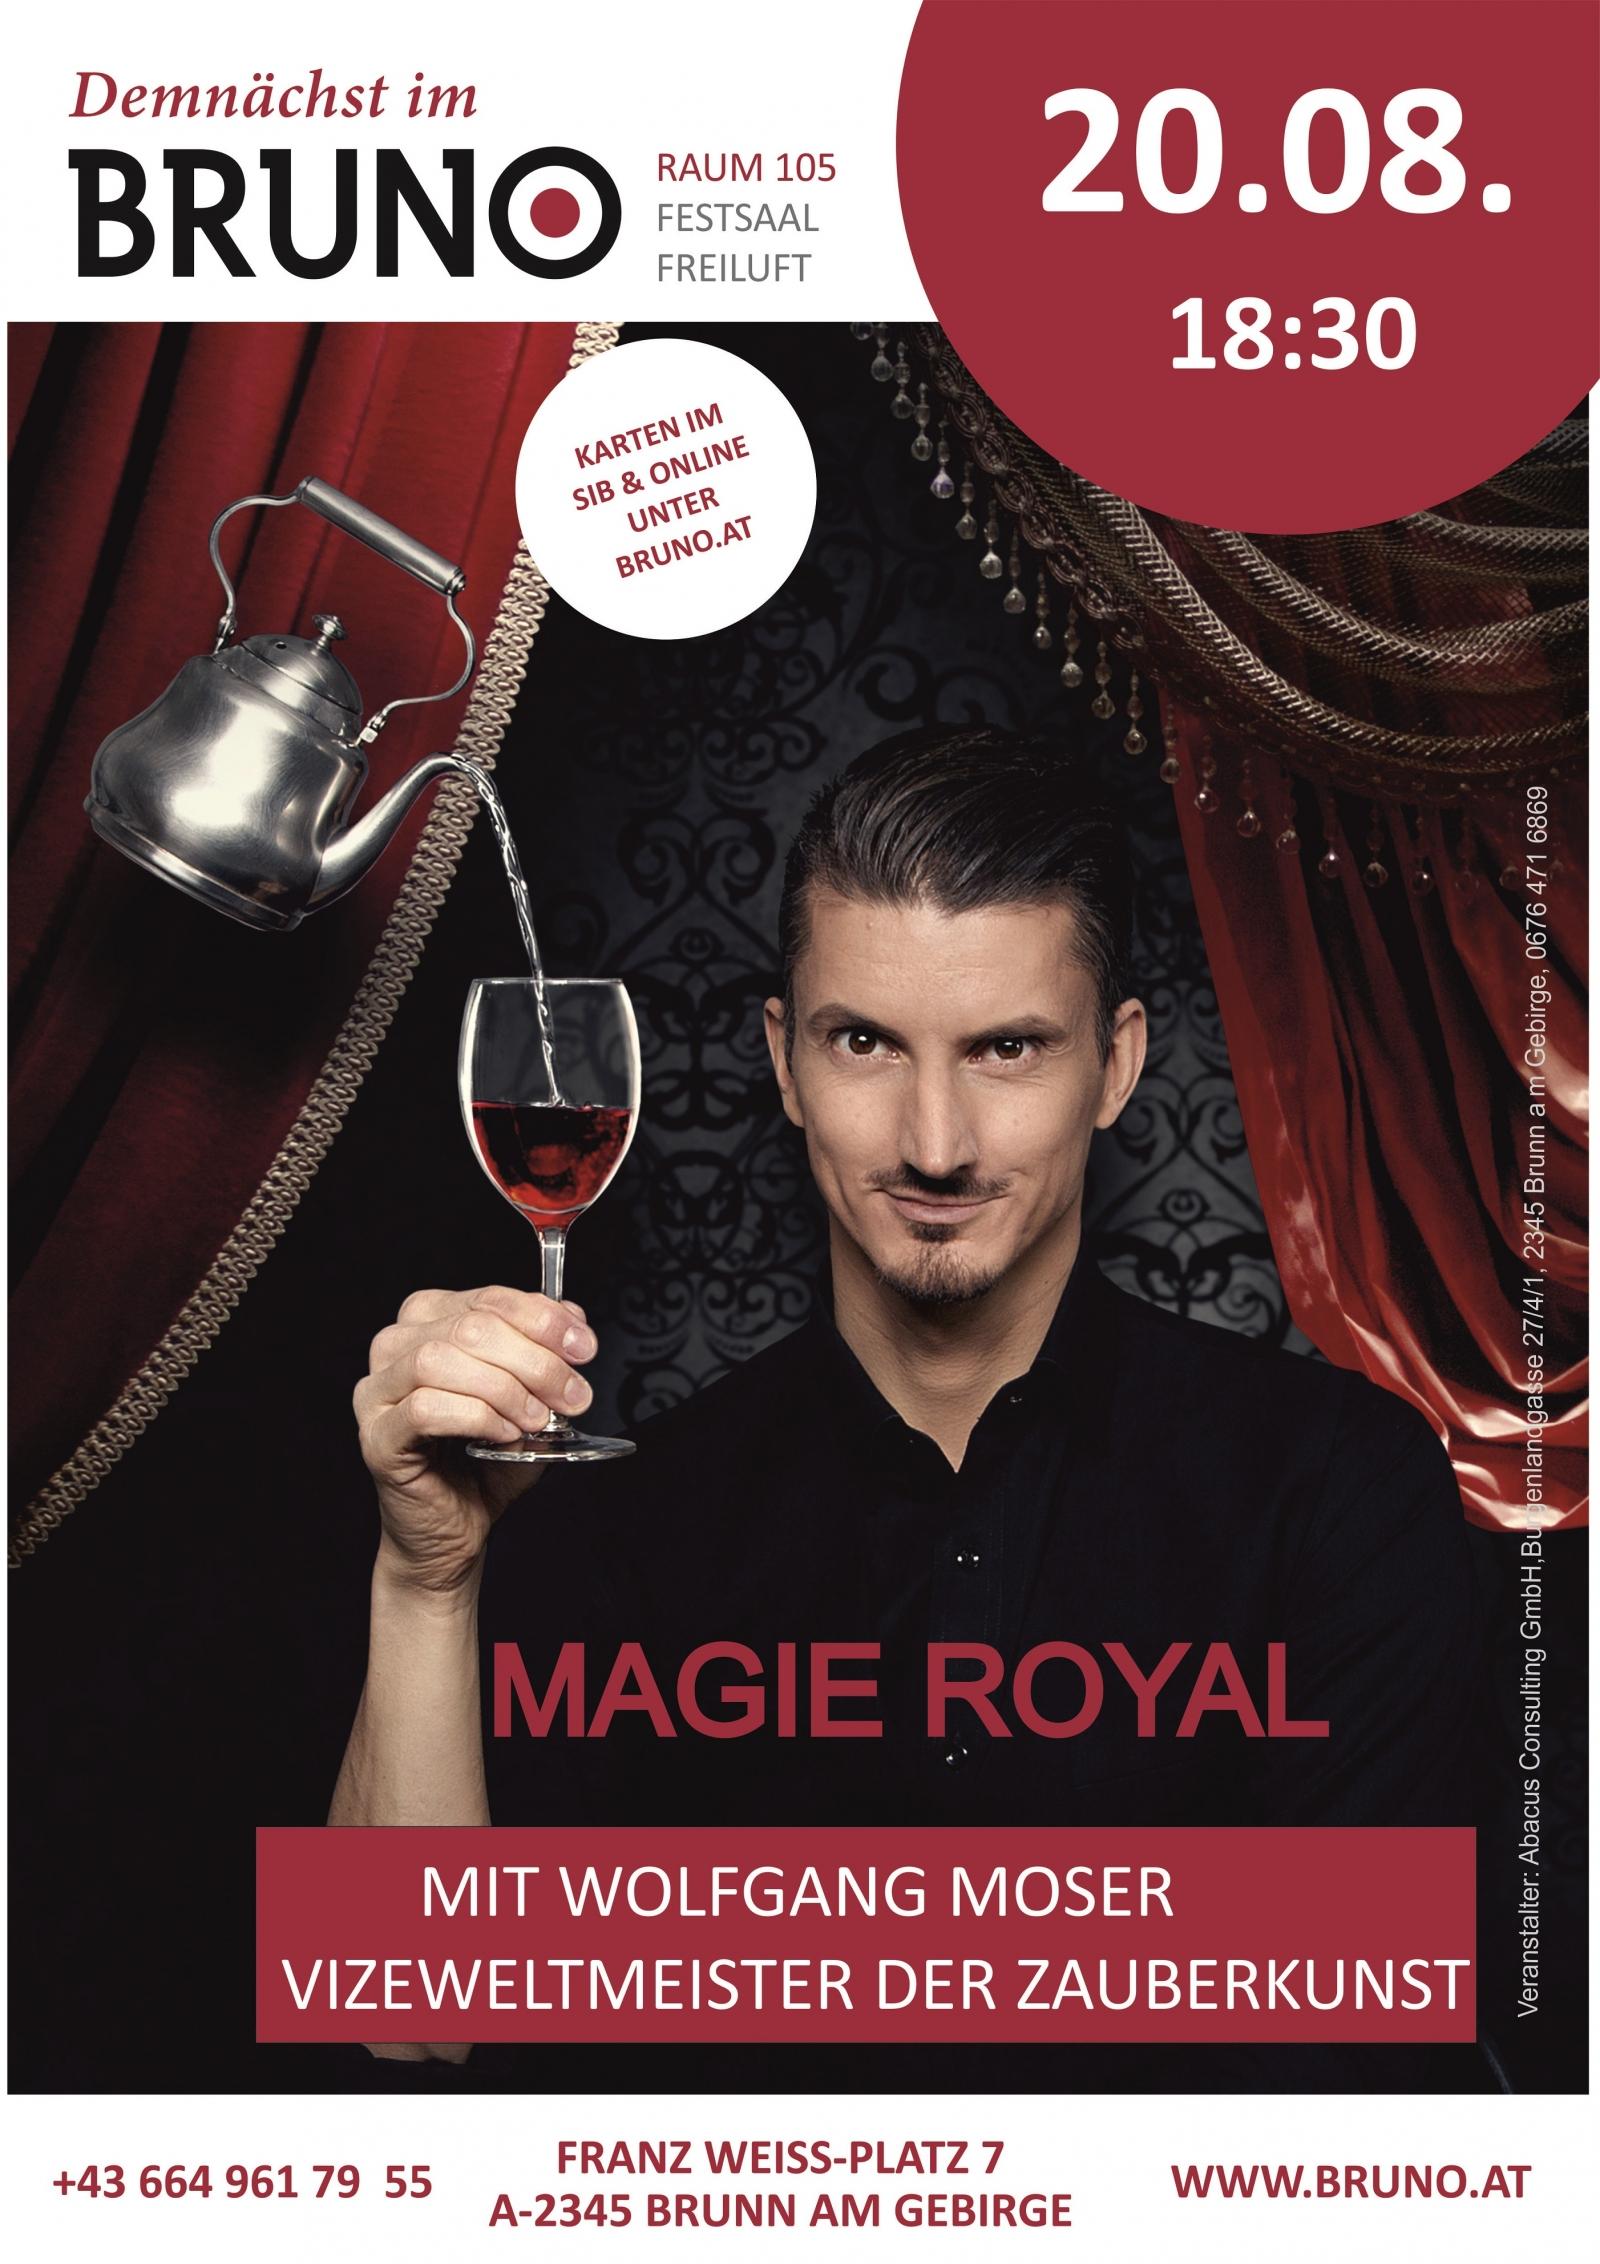 Magie Royal  mit Wolfgang Moser - Vizeweltmeister der Zauberkunst